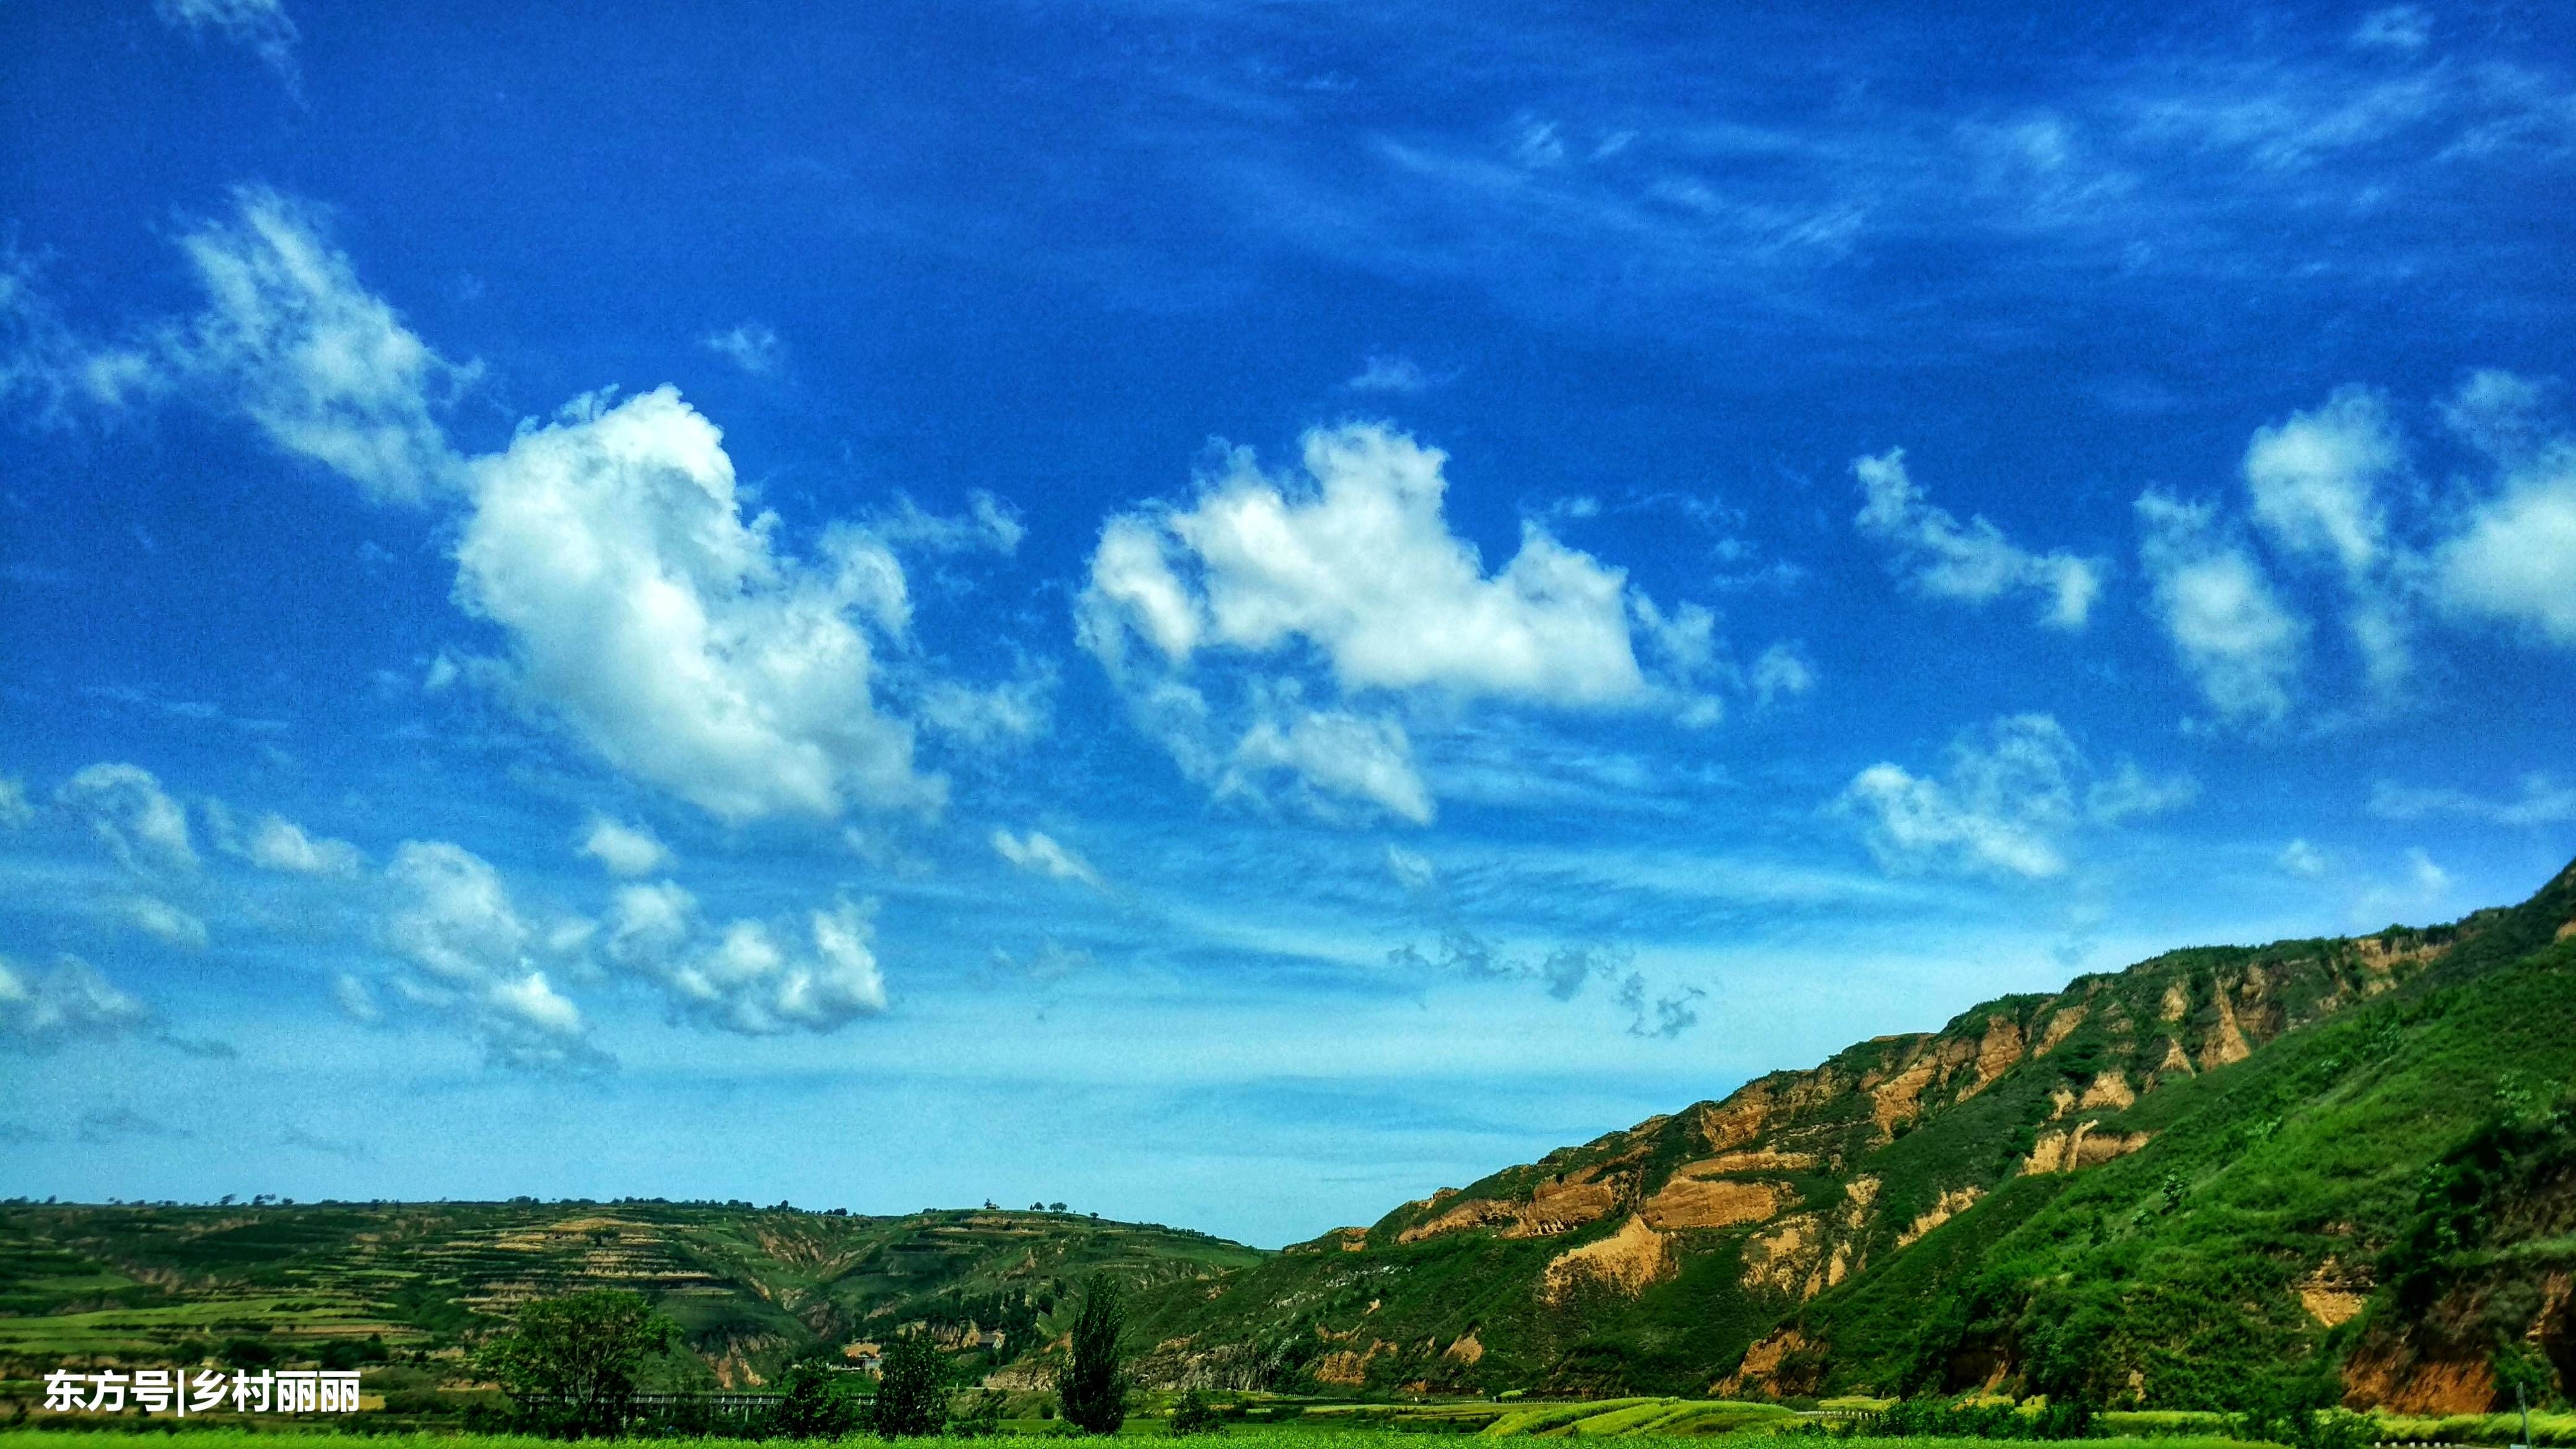 实拍陕西咸阳农村蓝天风景,这景象美得勾魂!